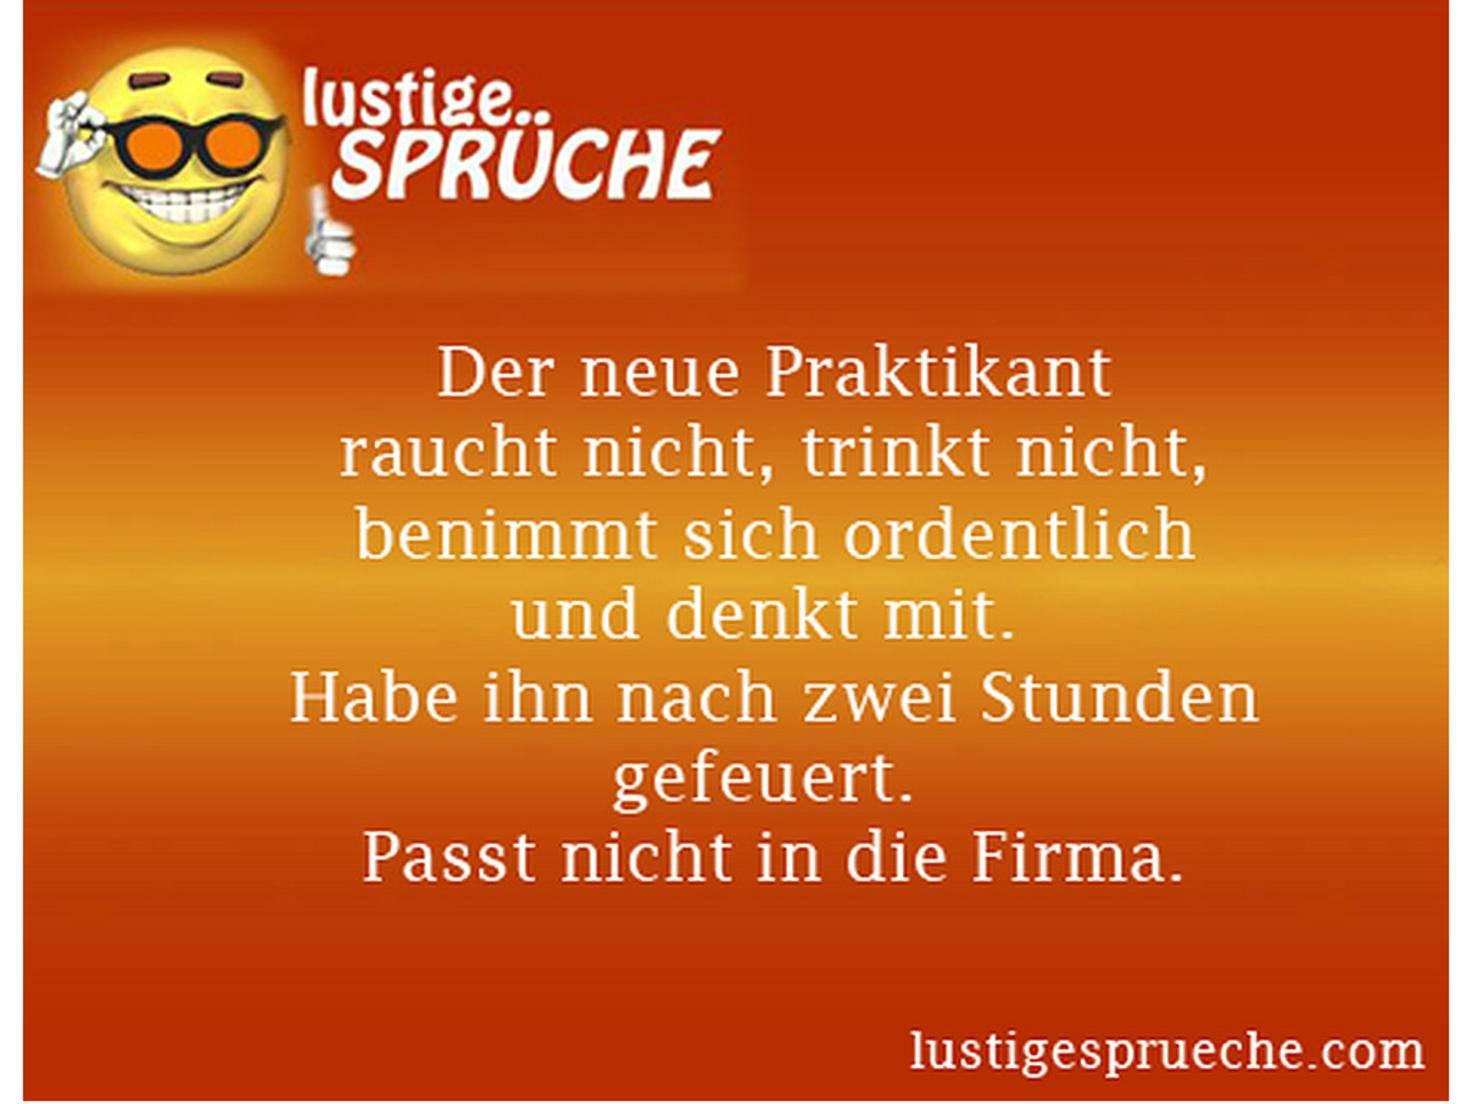 Facebook Sprüche Facebook_Lustige Sprüche